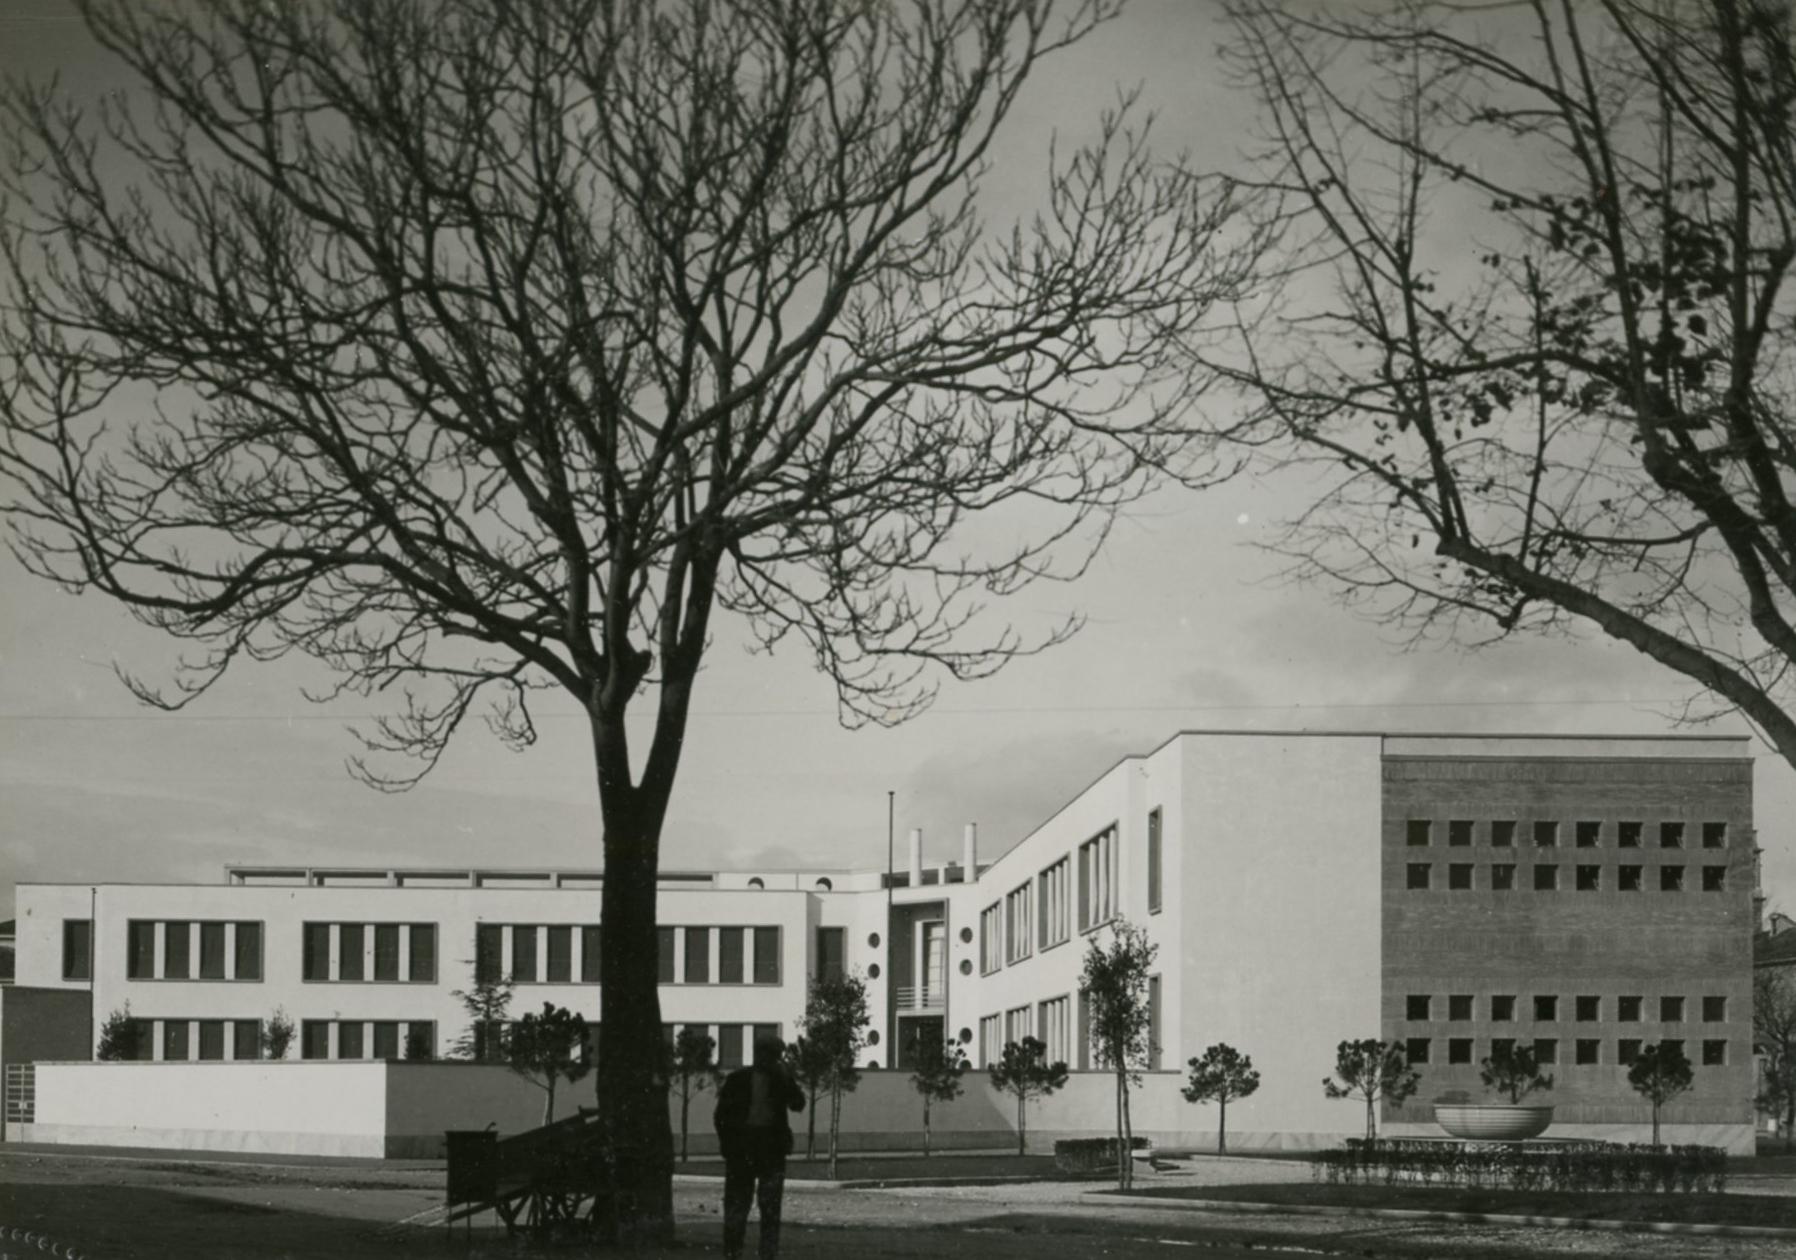 Scuola elementare Filippo Corridoni, Fano